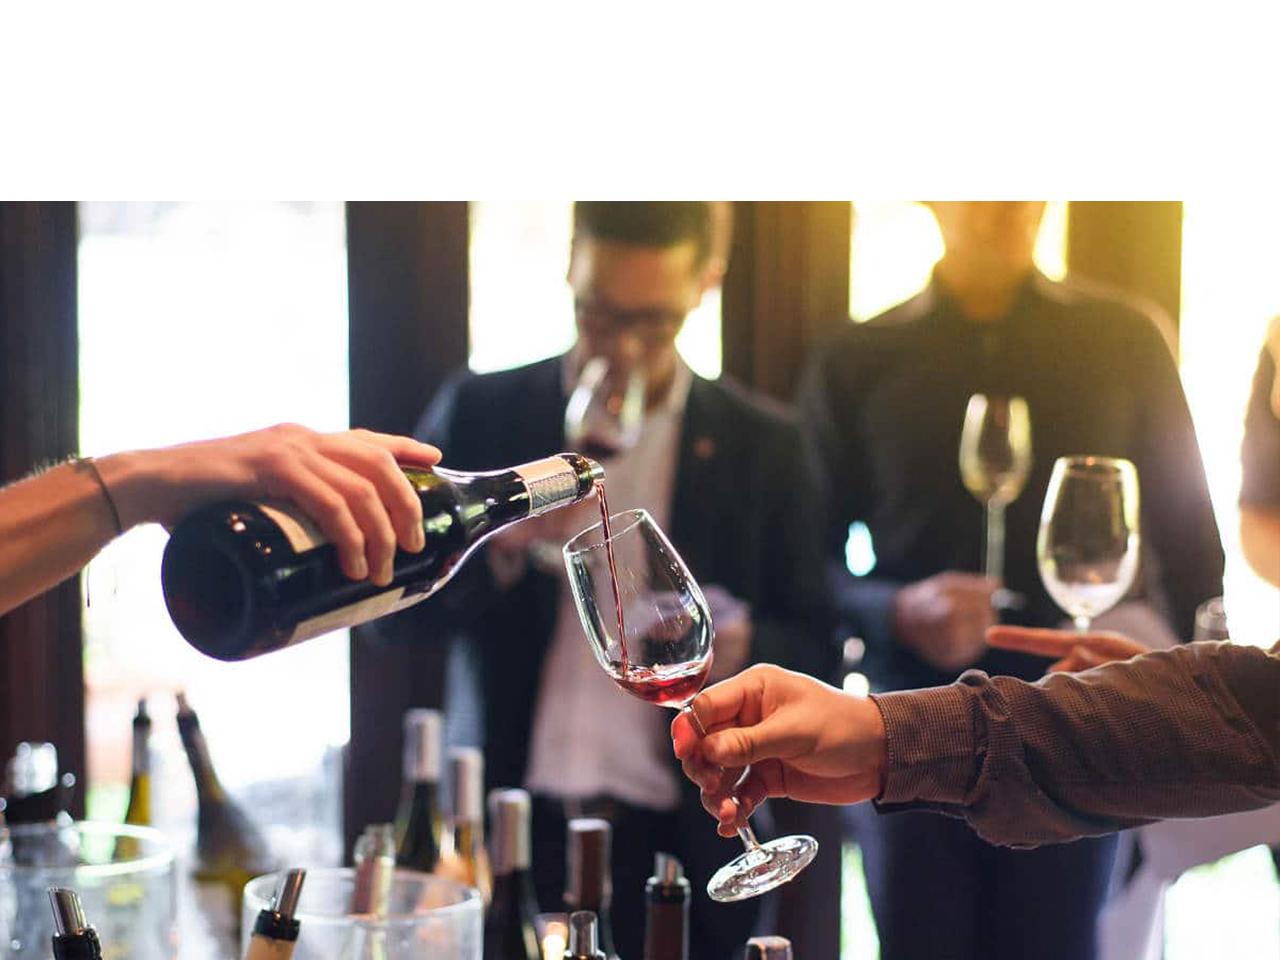 proeven degustatie wijn Het Wijnhuis